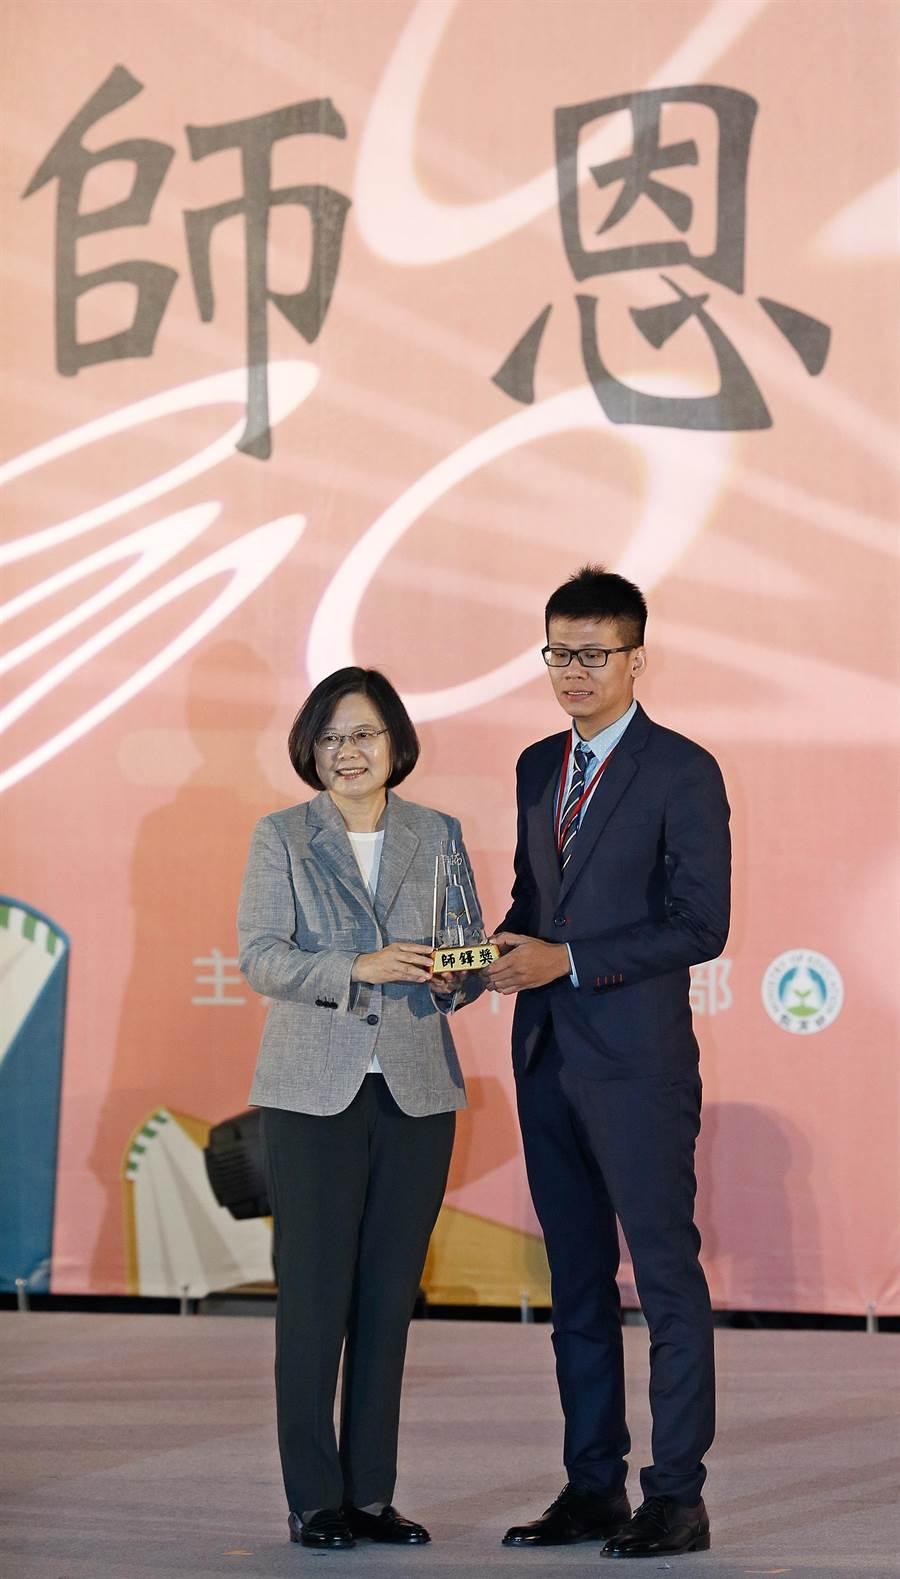 蔡英文總統(左)27日出席107年教師節表揚大會,頒發師鐸獎給台北市立木柵高工教師楊弘意(右)。(張鎧乙攝)